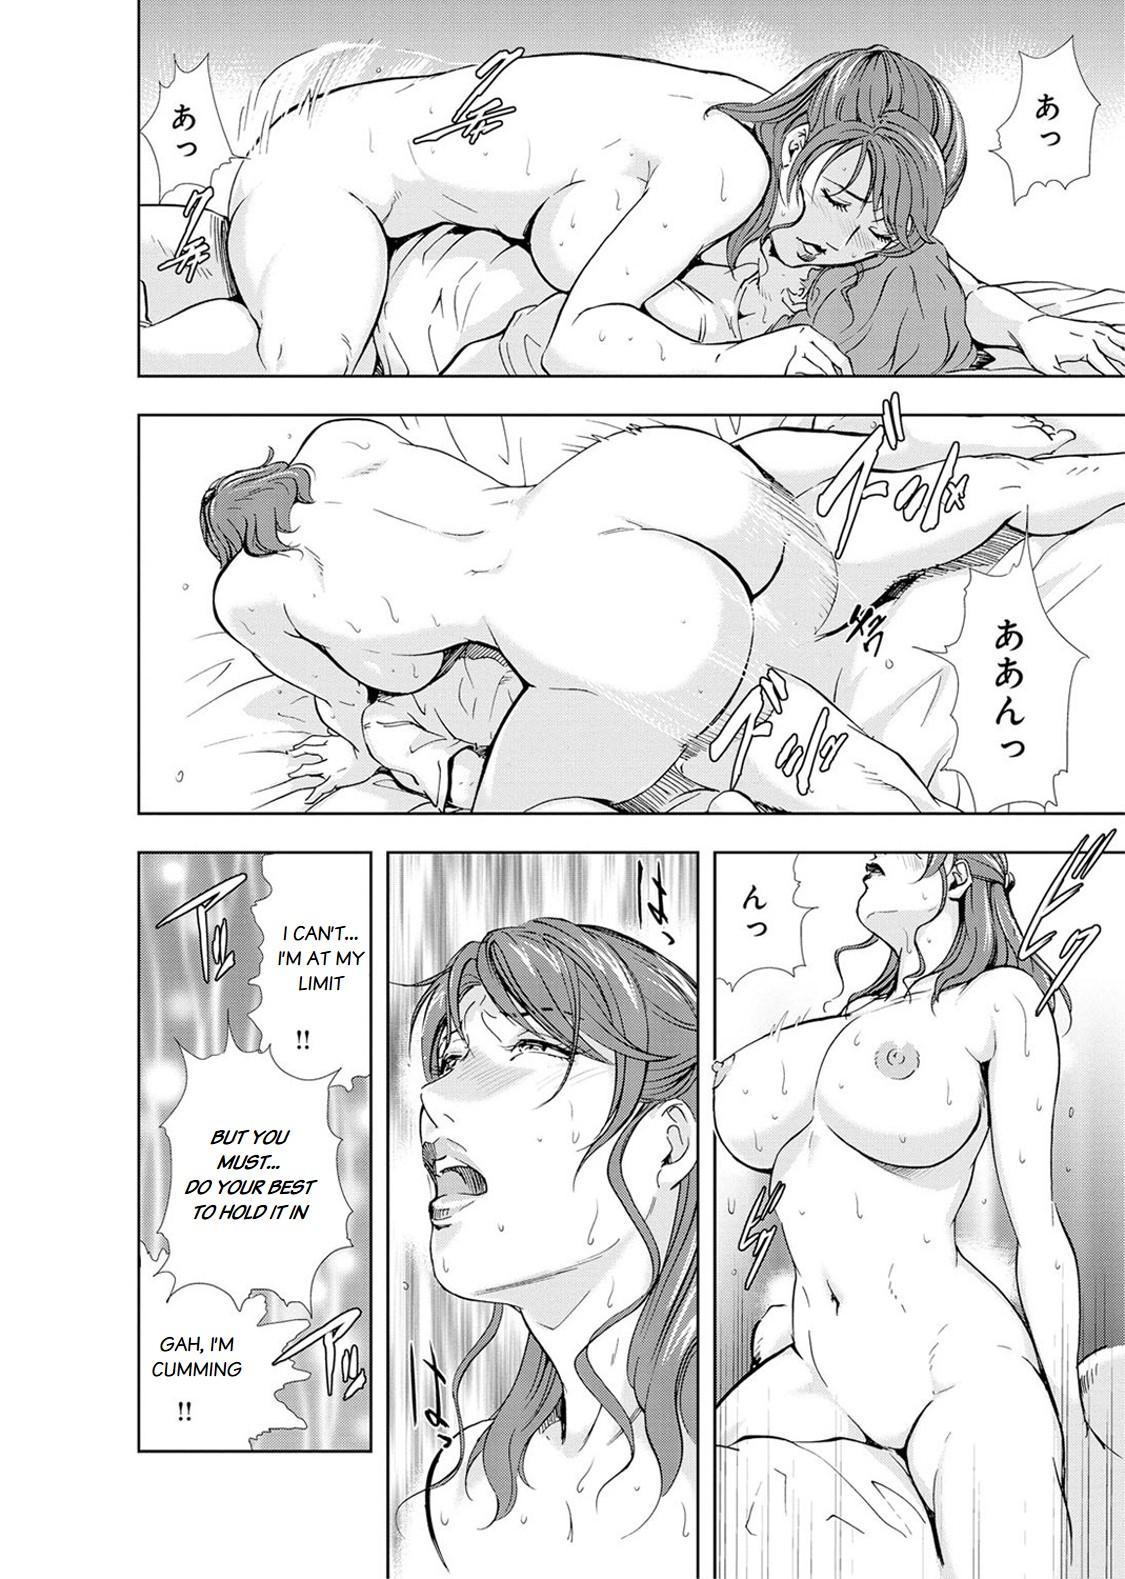 Nikuhisyo Yukiko chapter 20 19